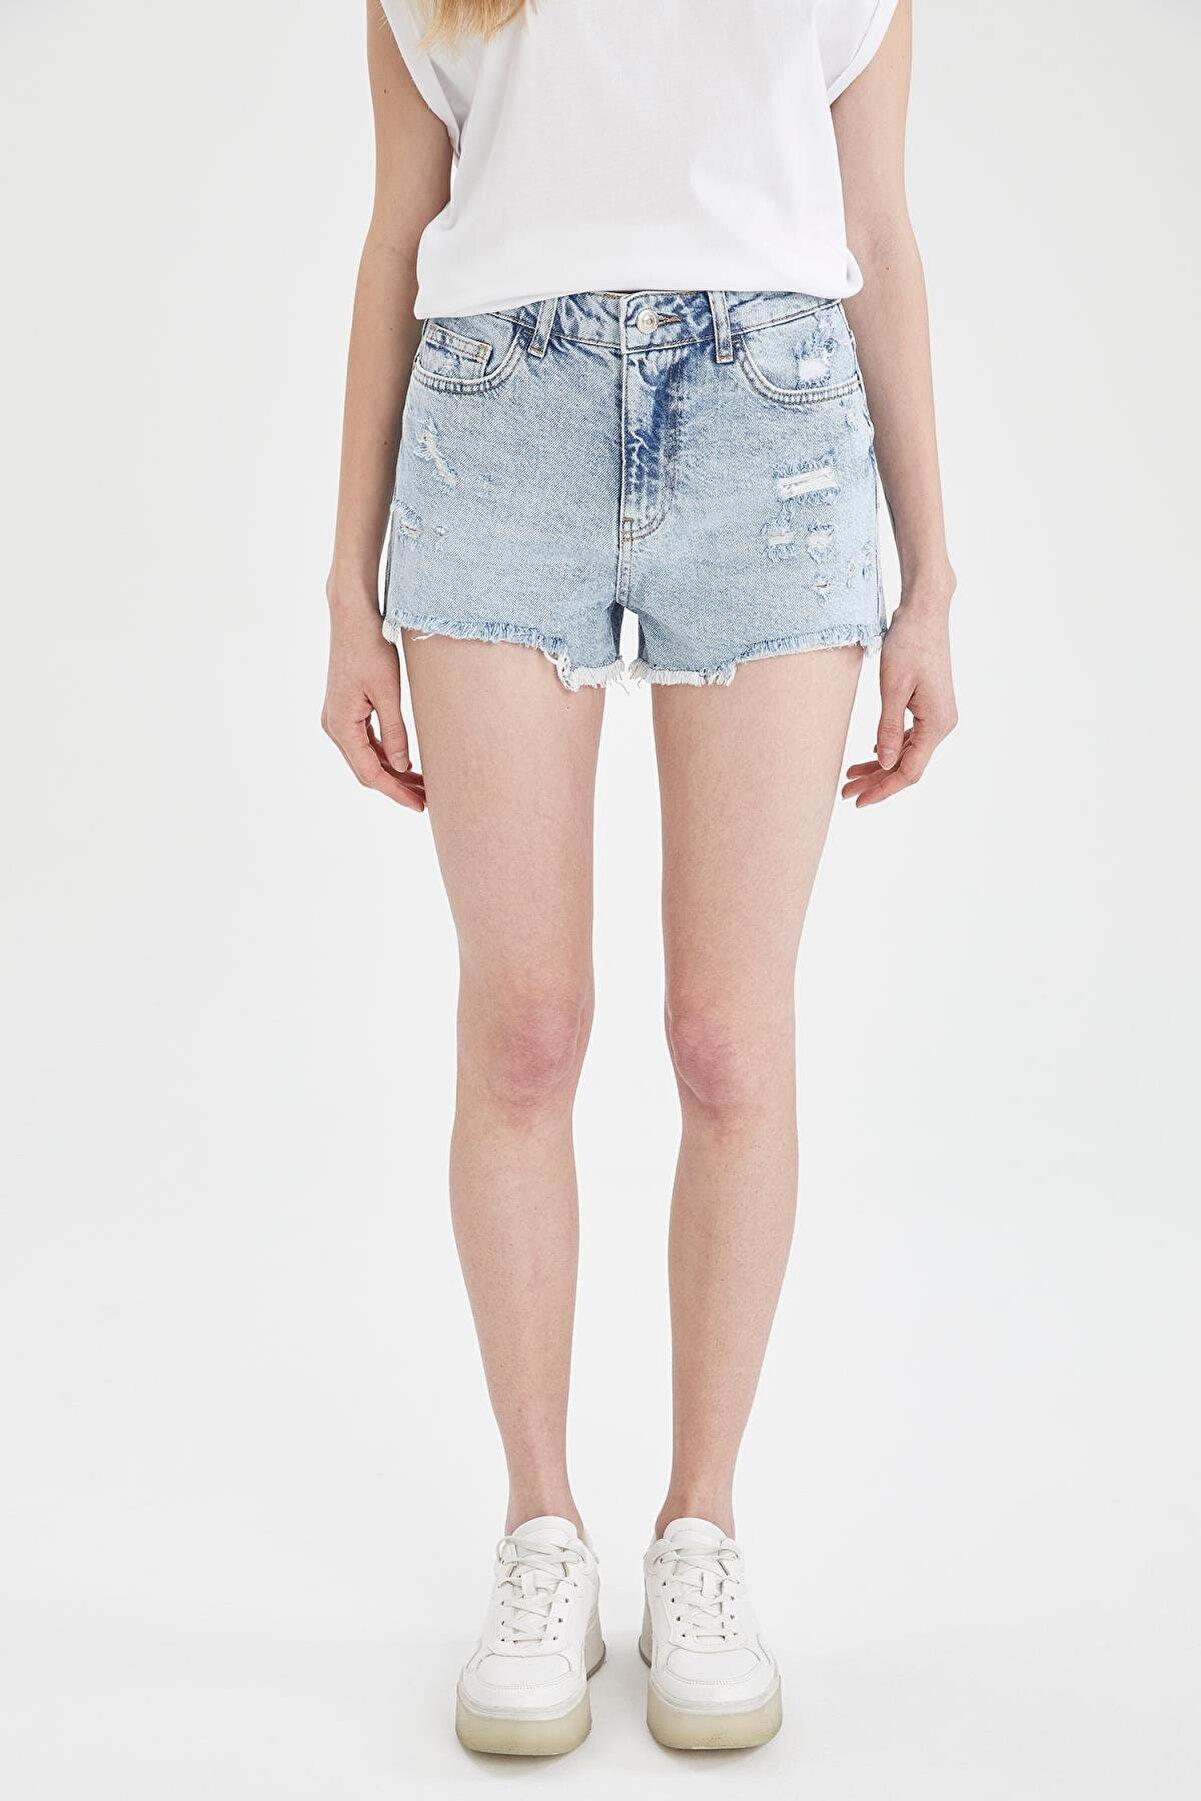 Defacto Kadın Mavi Yüksek Bel Yırtık Detaylı Jean Mini Şort